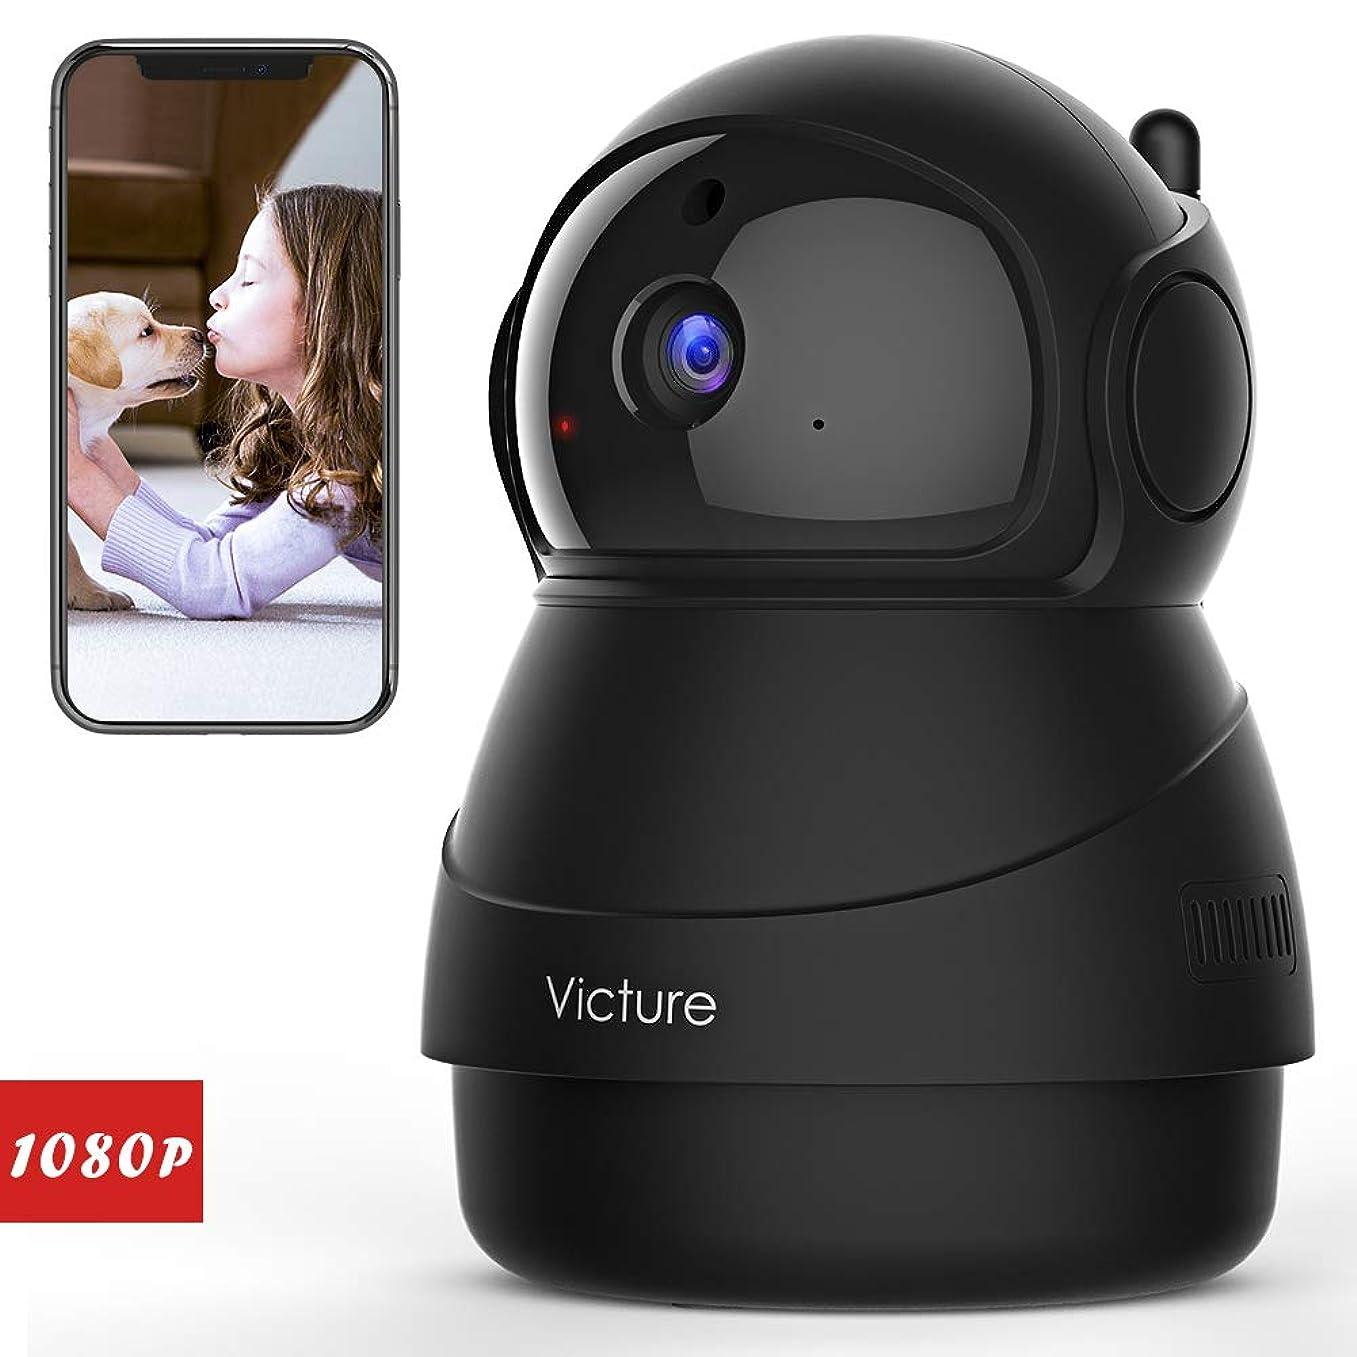 ダンプの間に旅客Victure 1080P ネットワークカメラ FHD WiFi 屋内ワイヤレス防犯カメラ 動体検知 暗視撮影 家庭監視ディスプレイ 双方向音声 ベビー/ペット/老人見守り